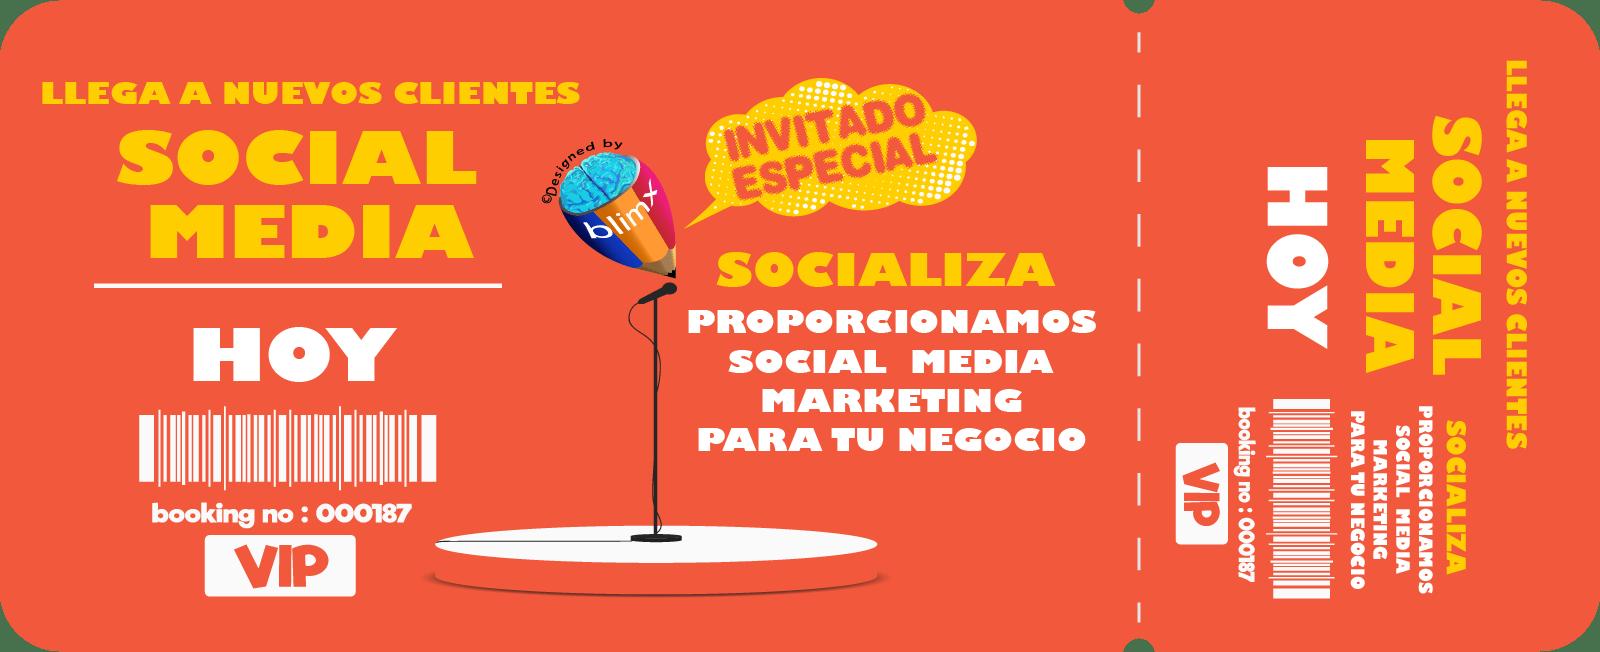 Servicio de Marketing en Redes Sociales